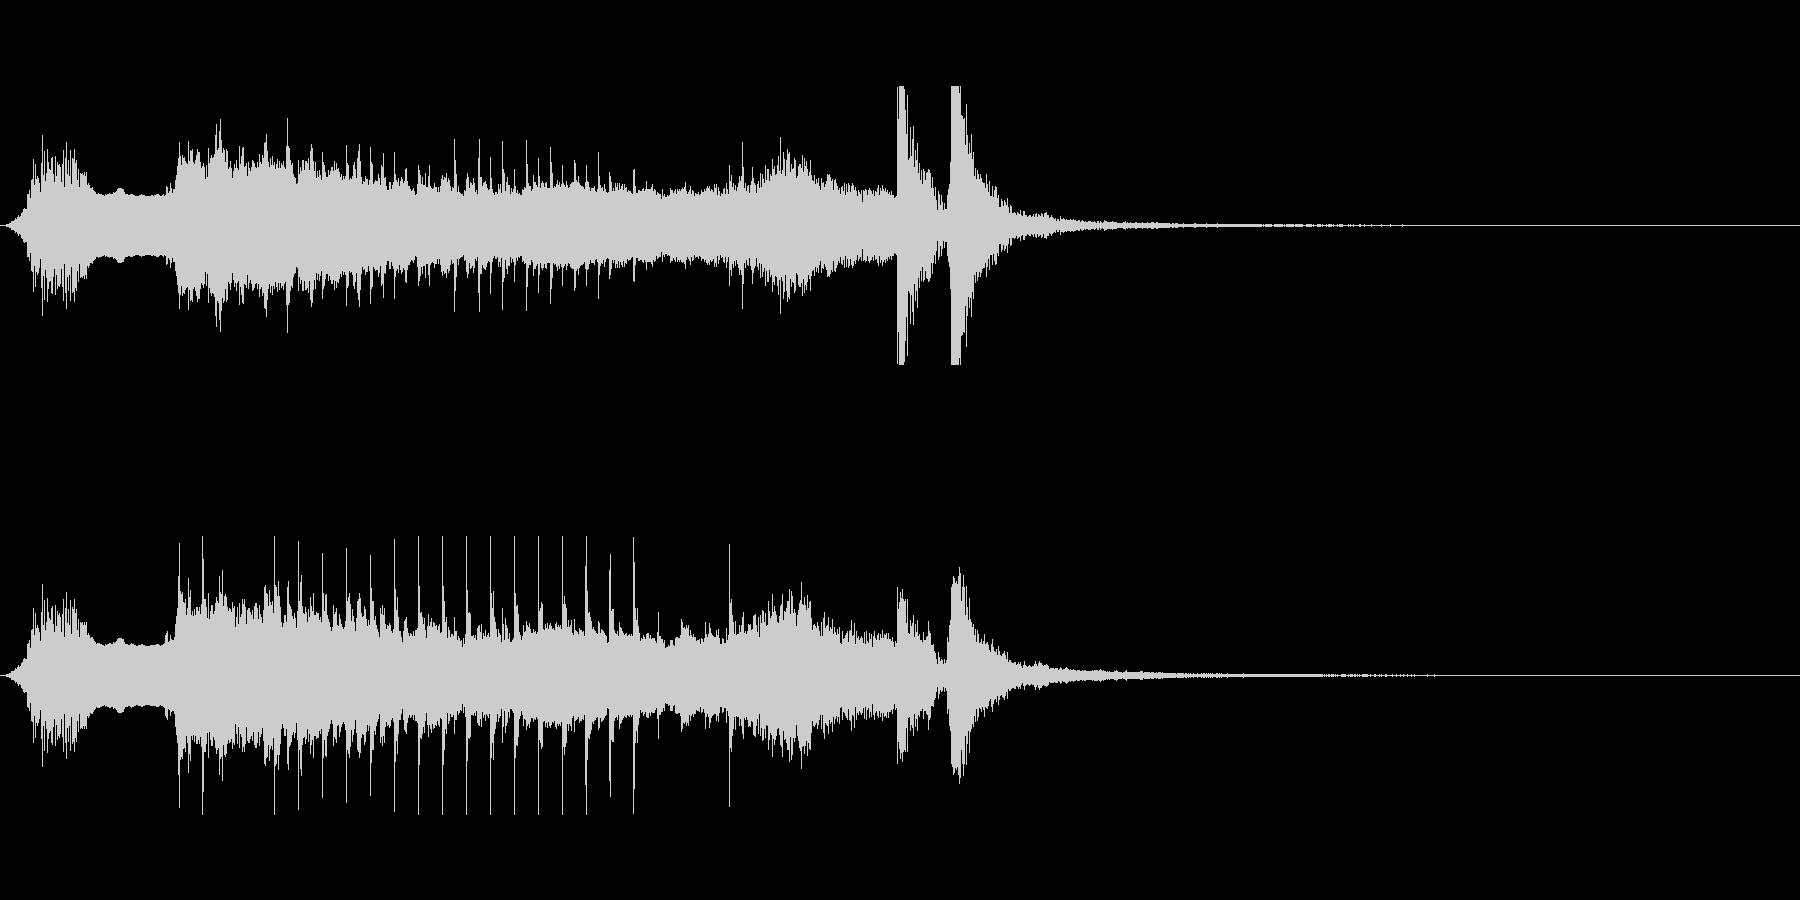 和楽器のサウンドでワンポイントなMEの未再生の波形